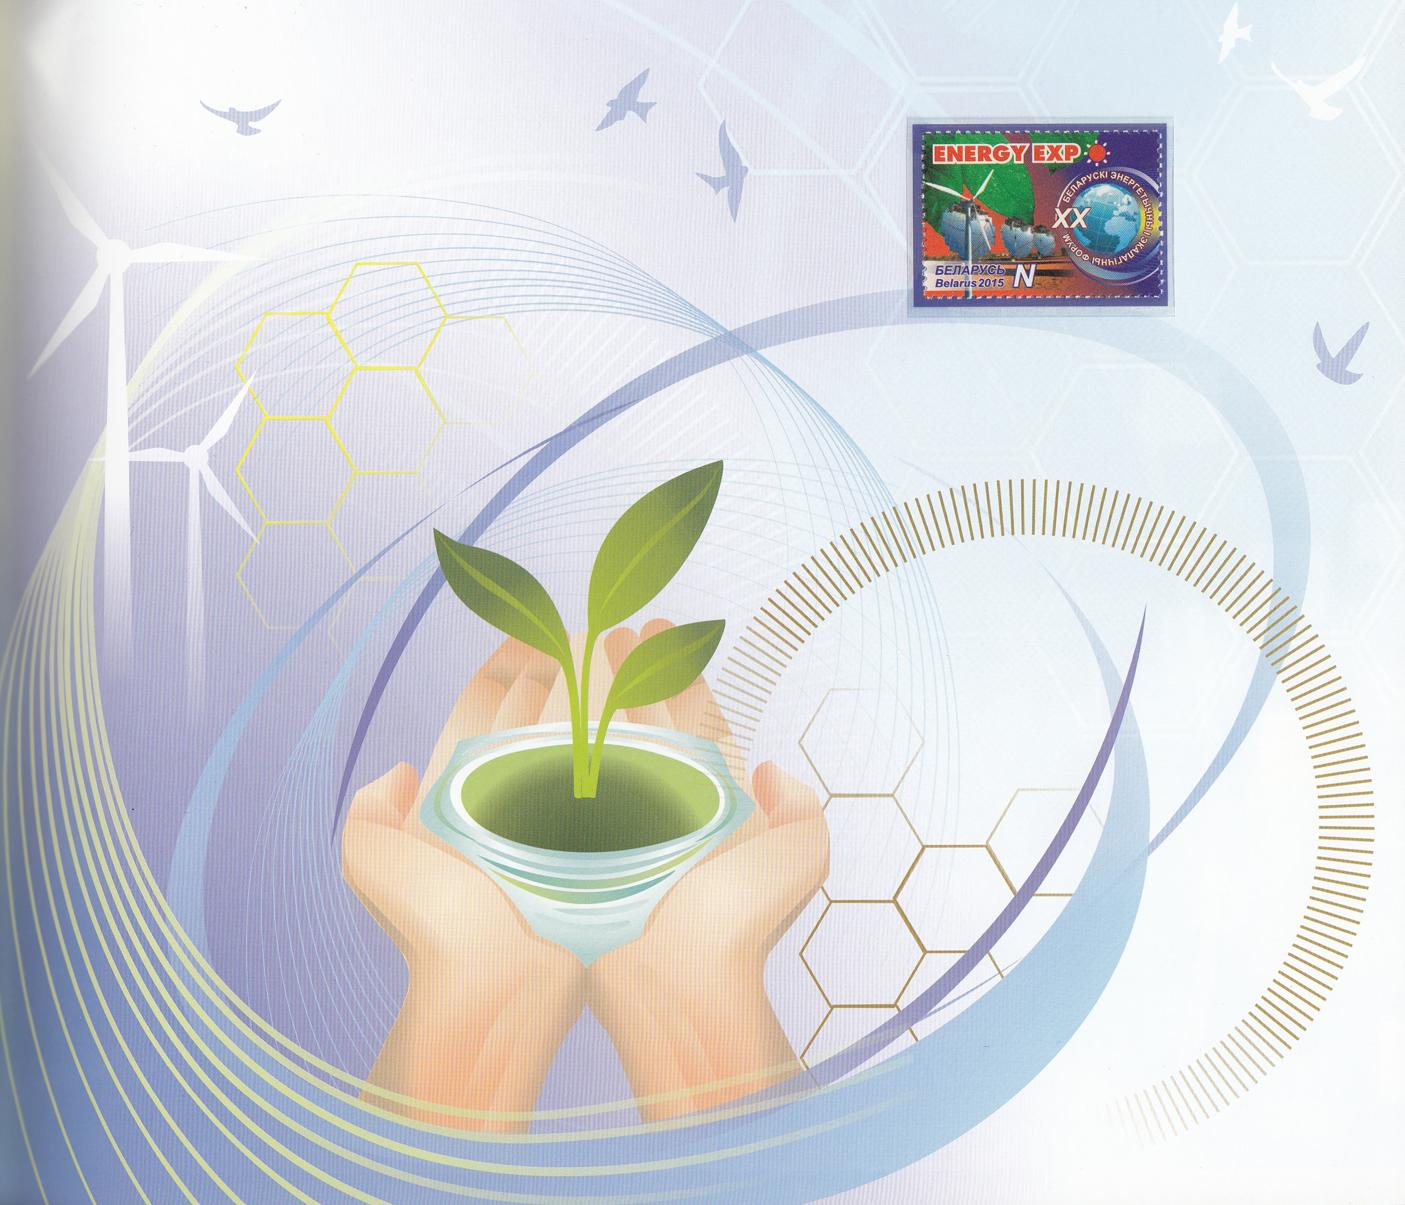 Почтовая марка XX Белорусский энергетический и экологический форум.